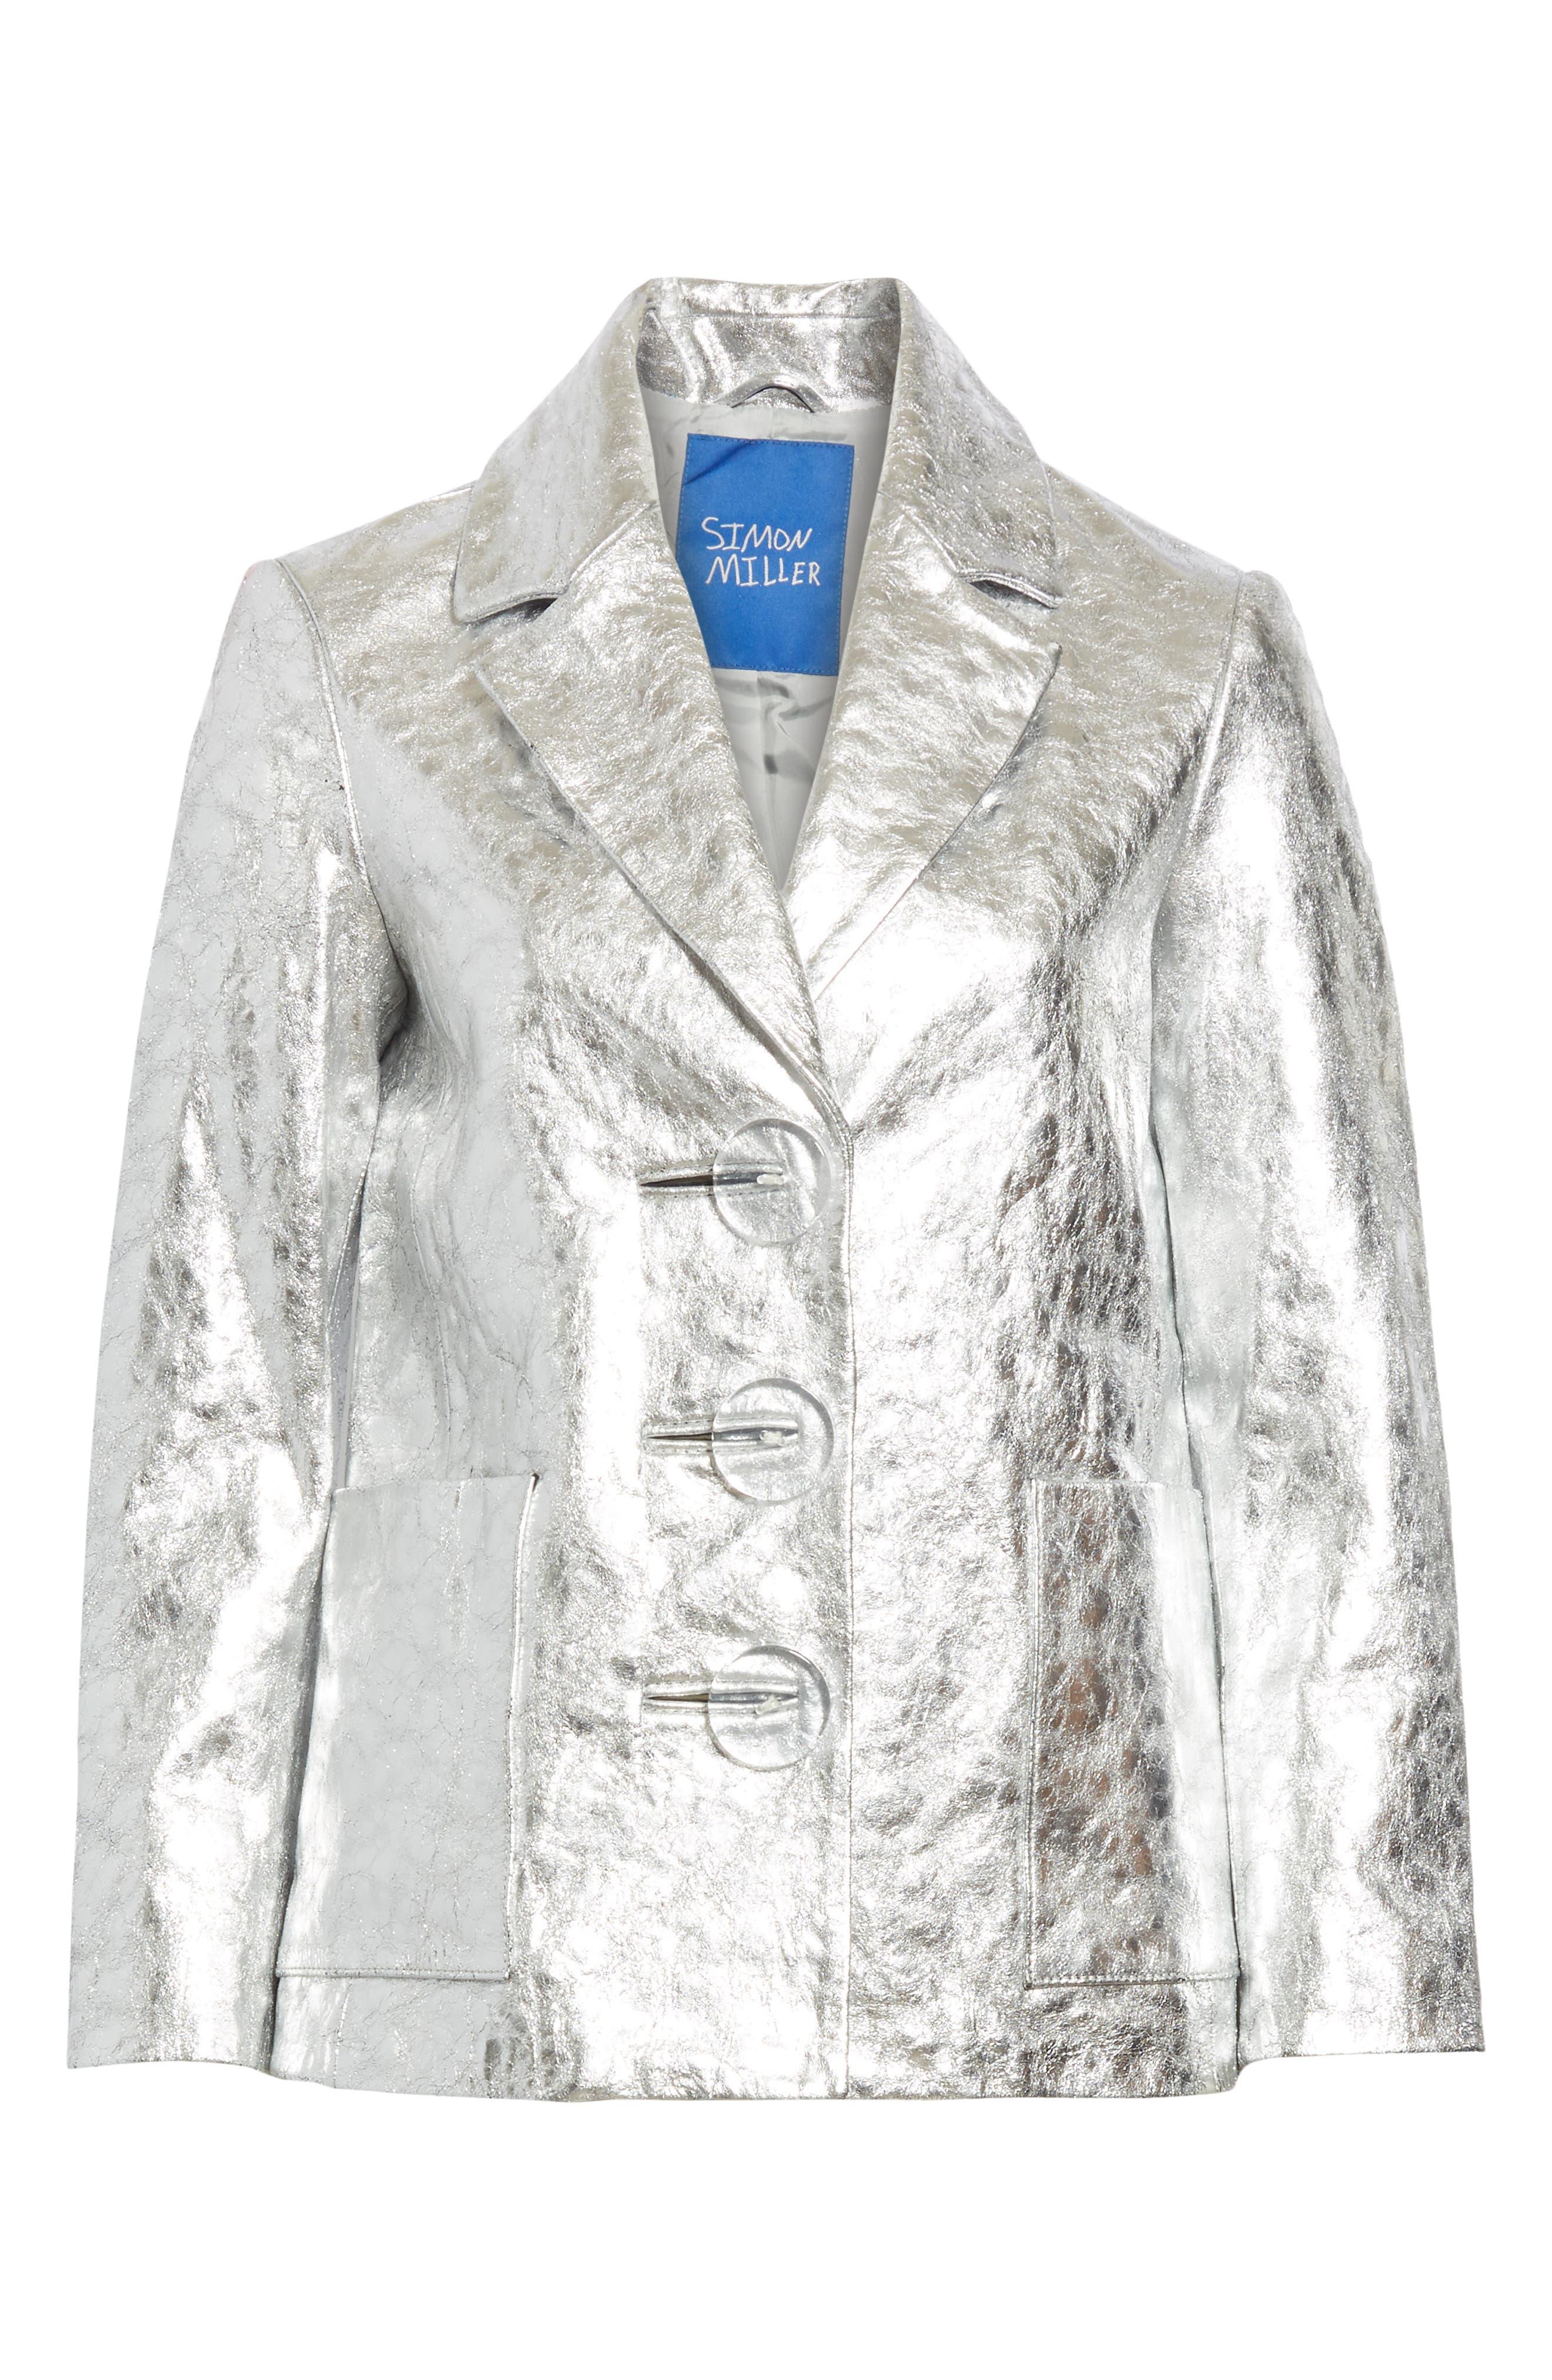 SIMON MILLER,                             Dawes Crackled Leather Jacket,                             Alternate thumbnail 6, color,                             SILVER CRACKLE